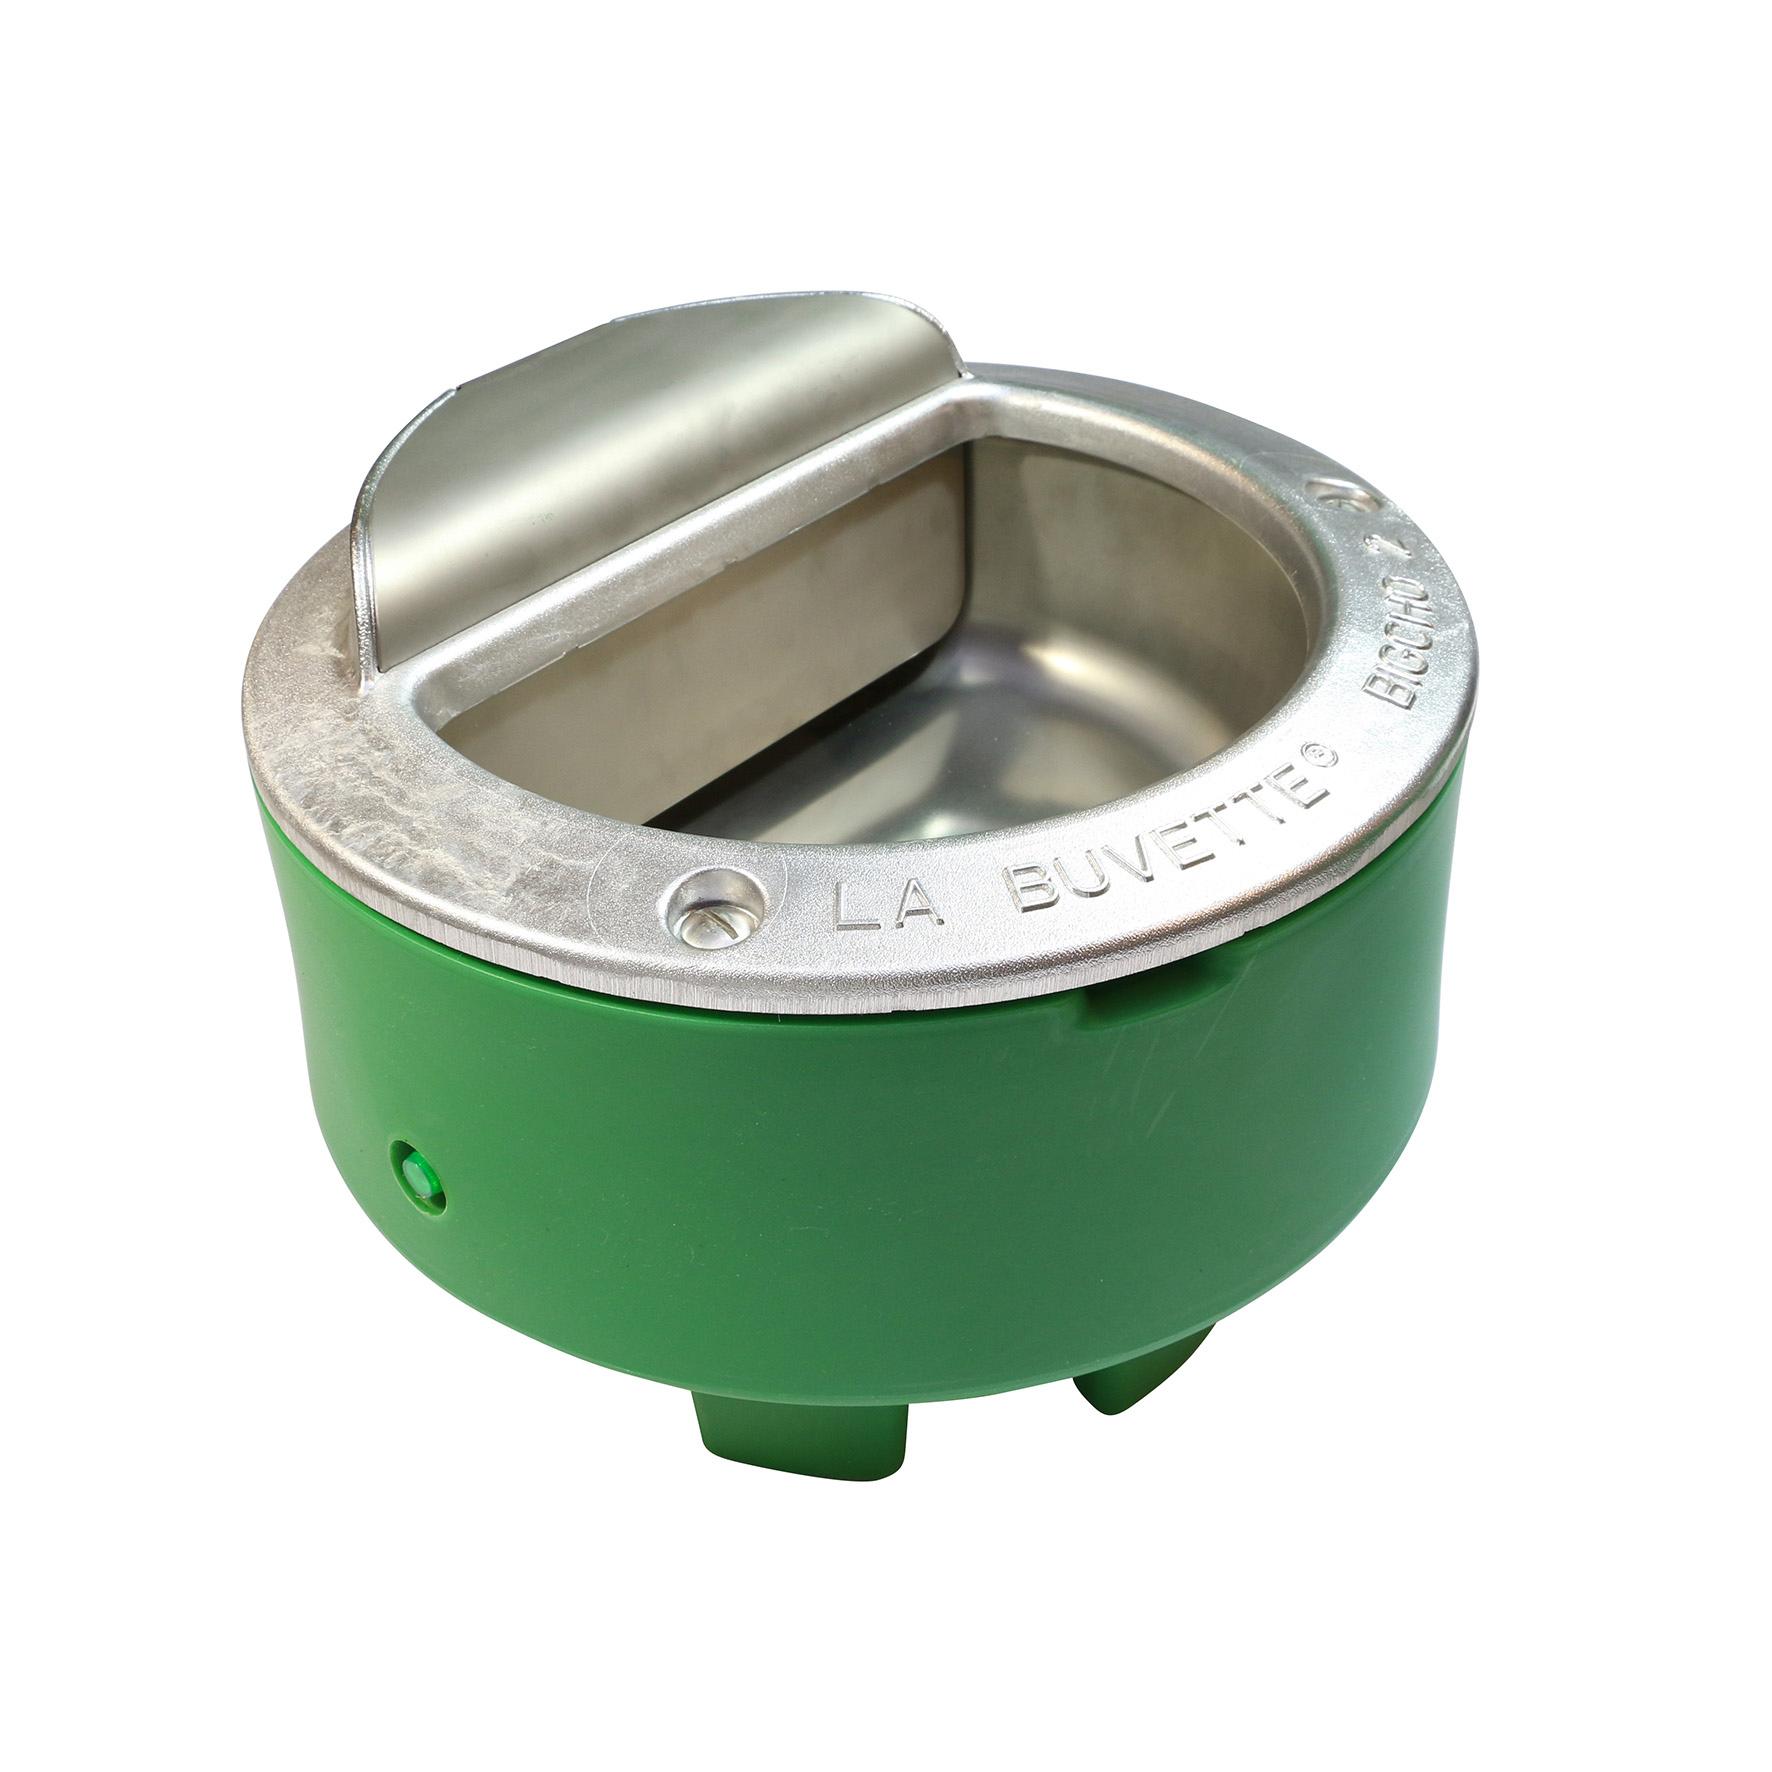 Abreuvoir antigel anti-gaspillage à flotteur BIGCHO 2 - 50 W